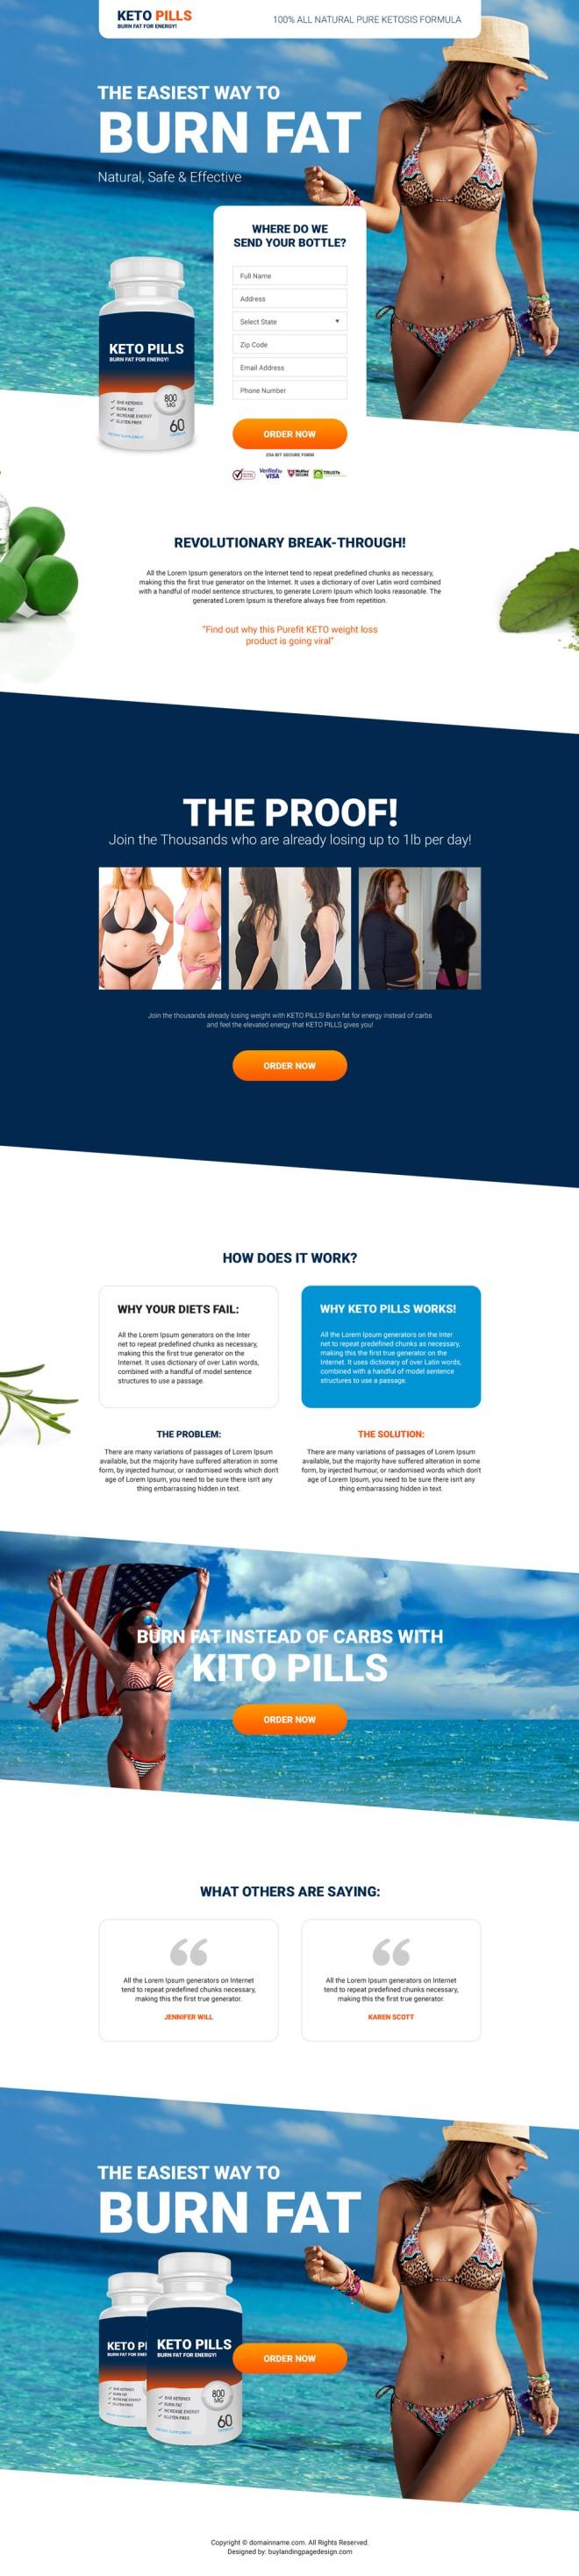 keto pills selling responsive landing page design